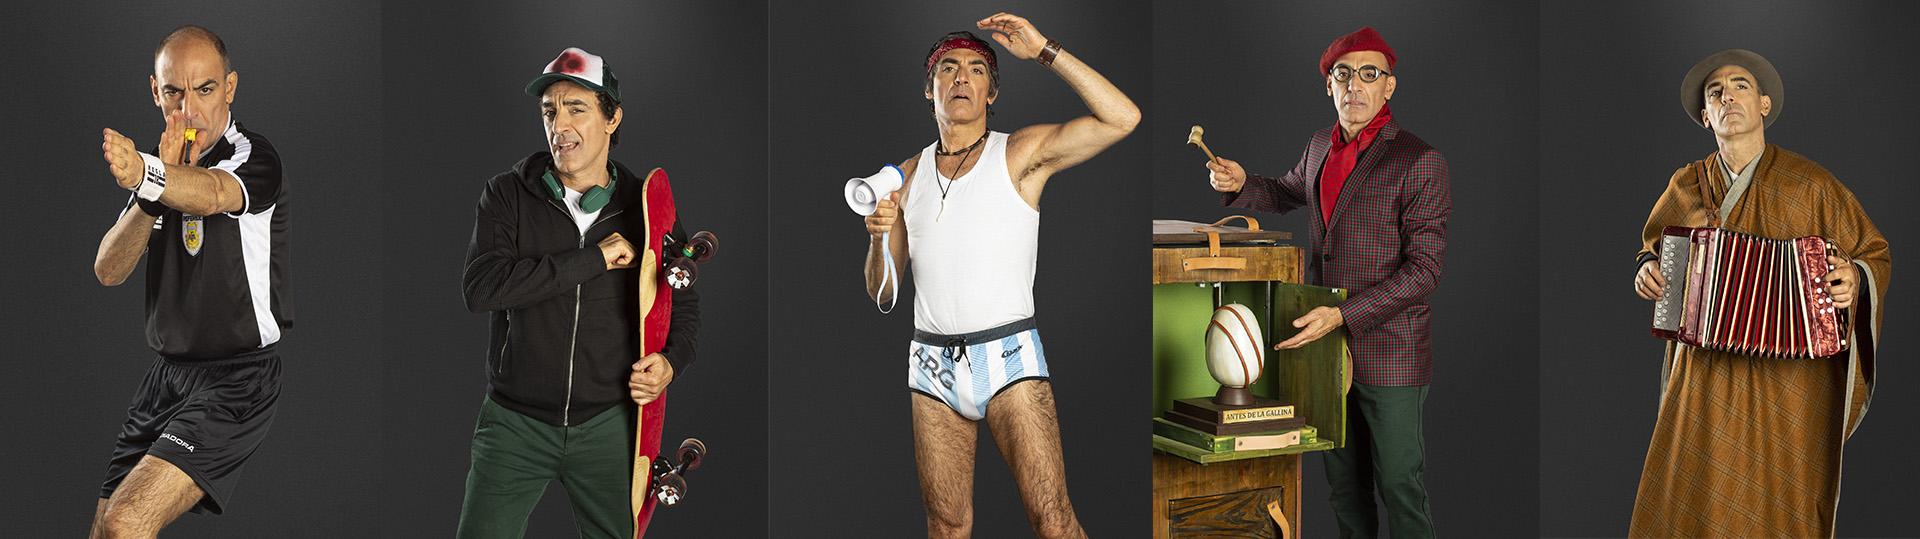 """Mauricio Dayub y sus 5 personajes en """"El equilibrista"""""""